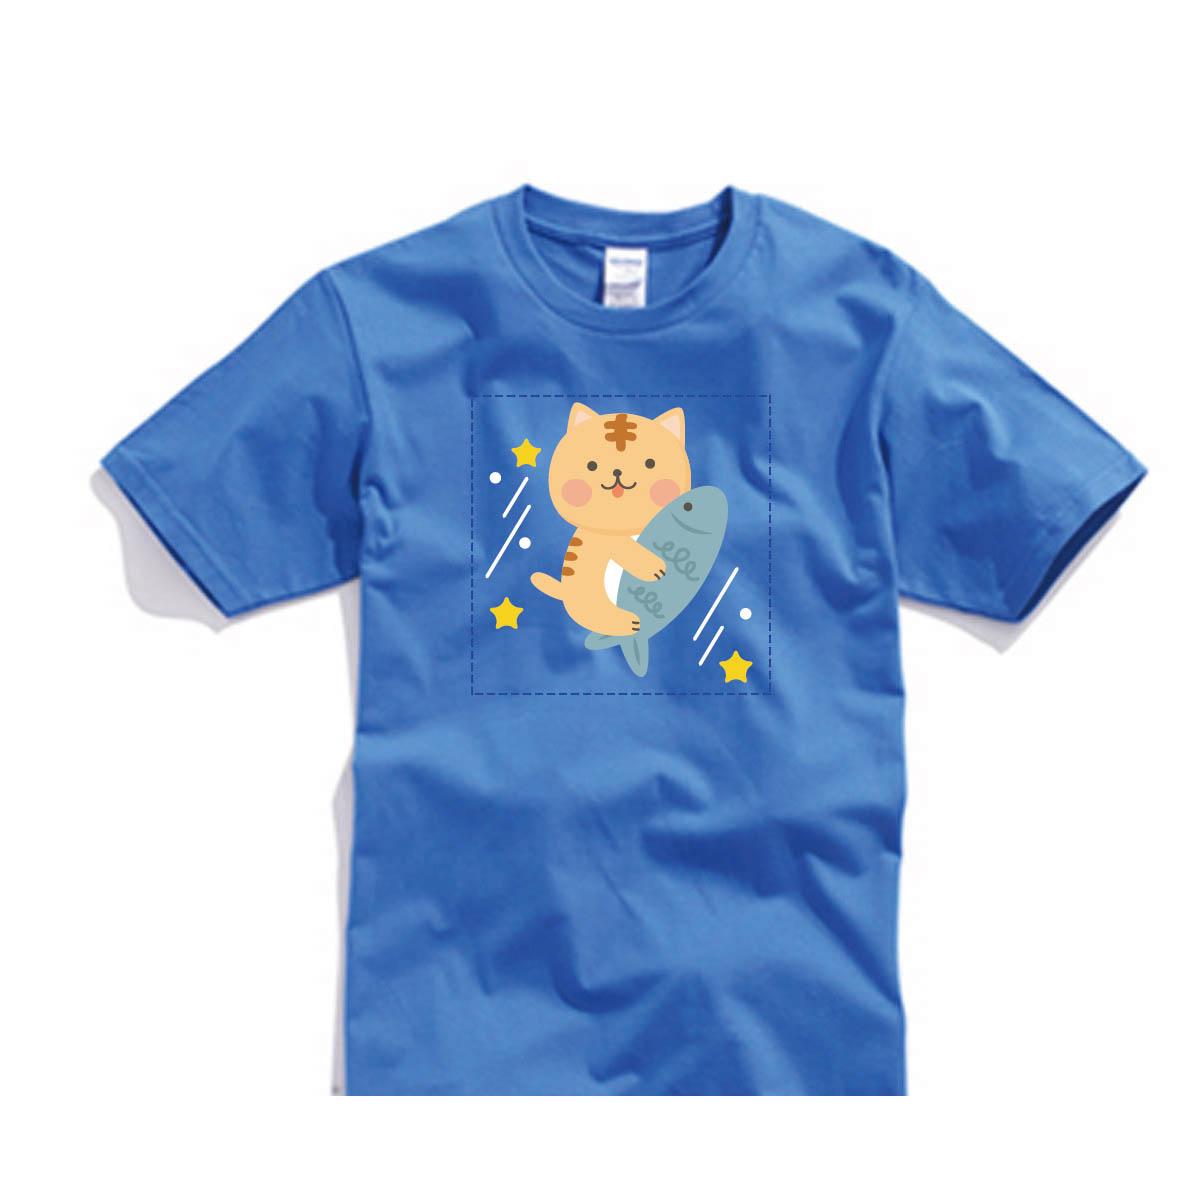 ✨ 喵星2系列✨自己的T恤自己做-色T!100%純棉台製棉T素材!一件也可以做!多件另有優惠!歡迎團體訂做!BSP喵星系001_喵飛彈_E - 限時優惠好康折扣